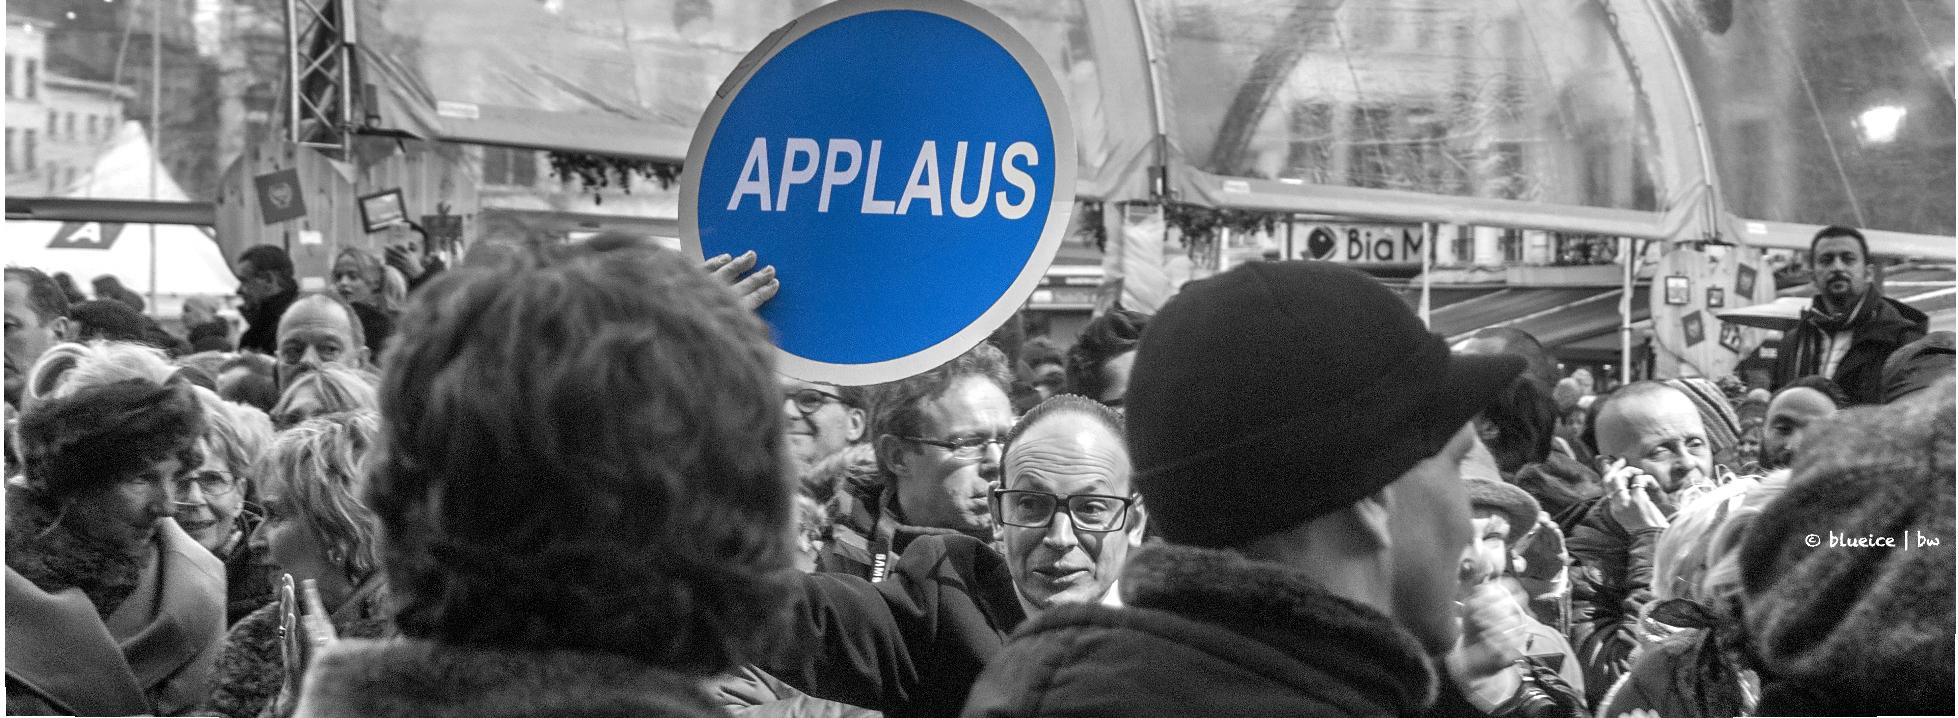 Antwerpen applaus 6kopiekopiekopie